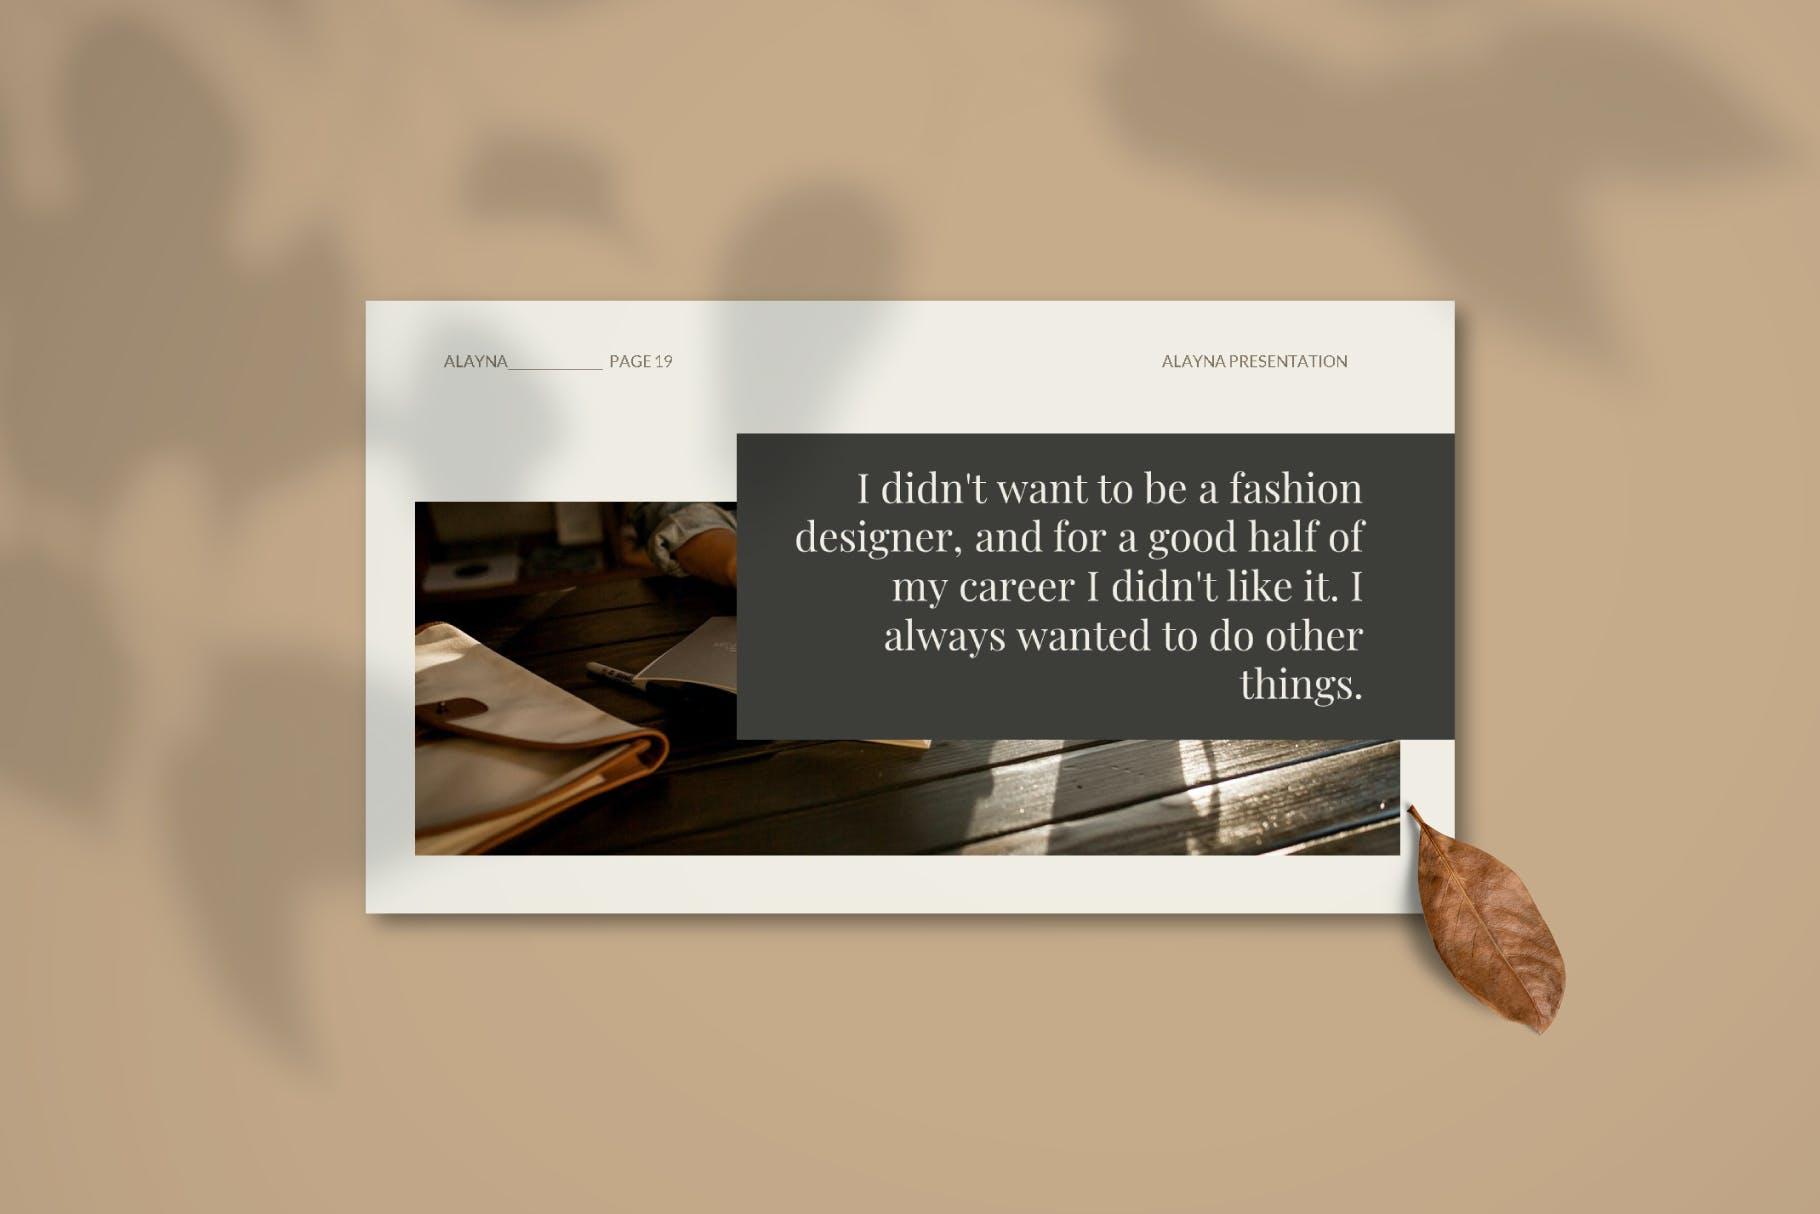 现代极简主义优雅轻奢品牌推广PPT演示文稿模板素材 Alayna – Powerpoint Template插图(5)